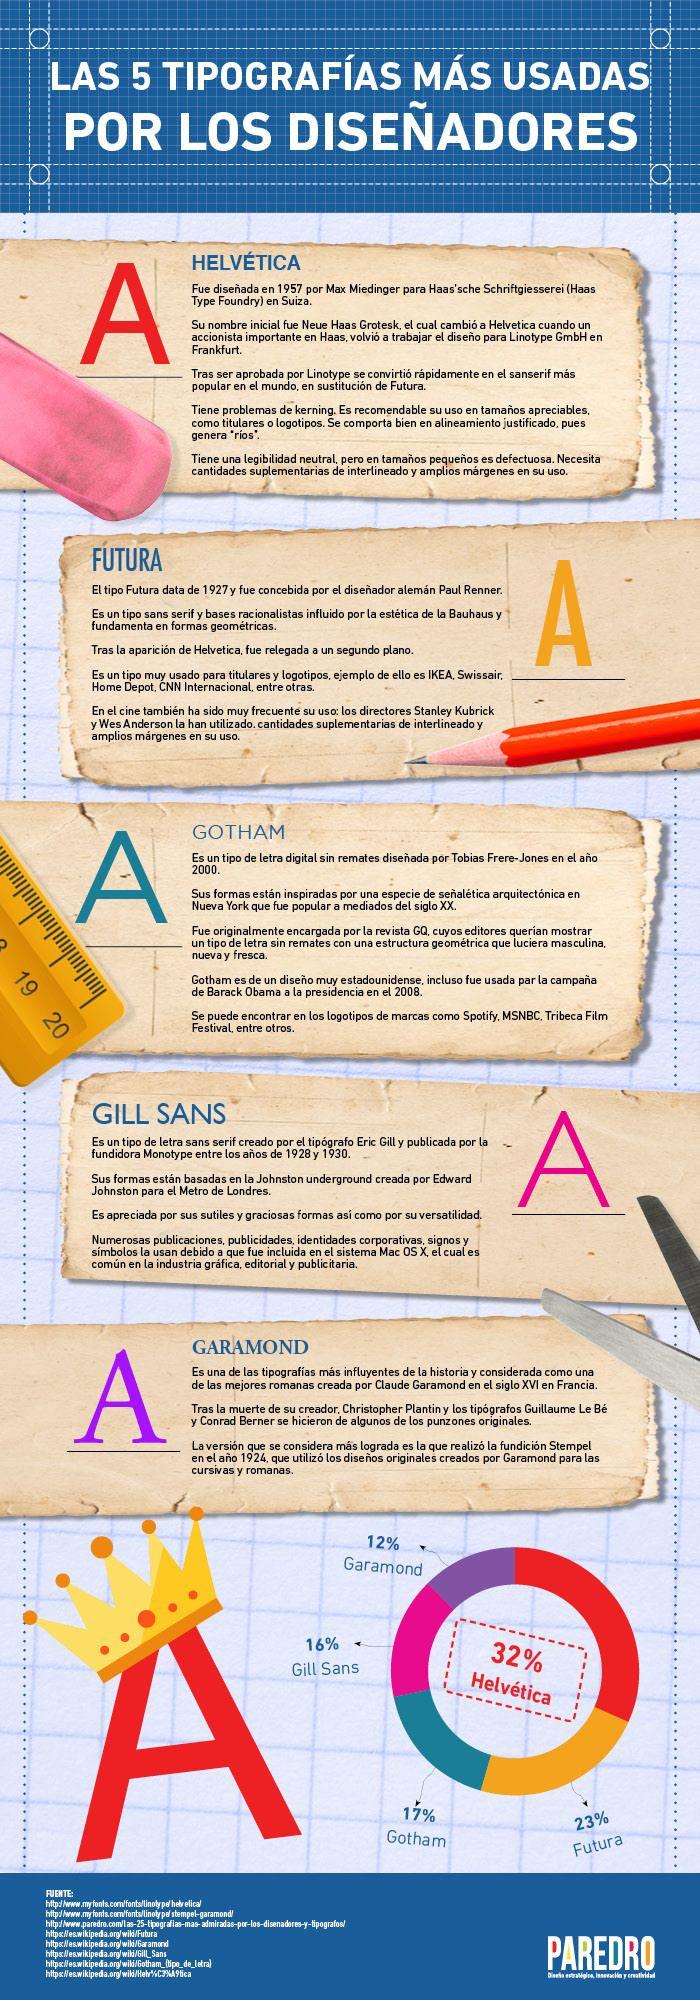 5 tipografías más usadas por los diseñadores #infografia #infographic #design